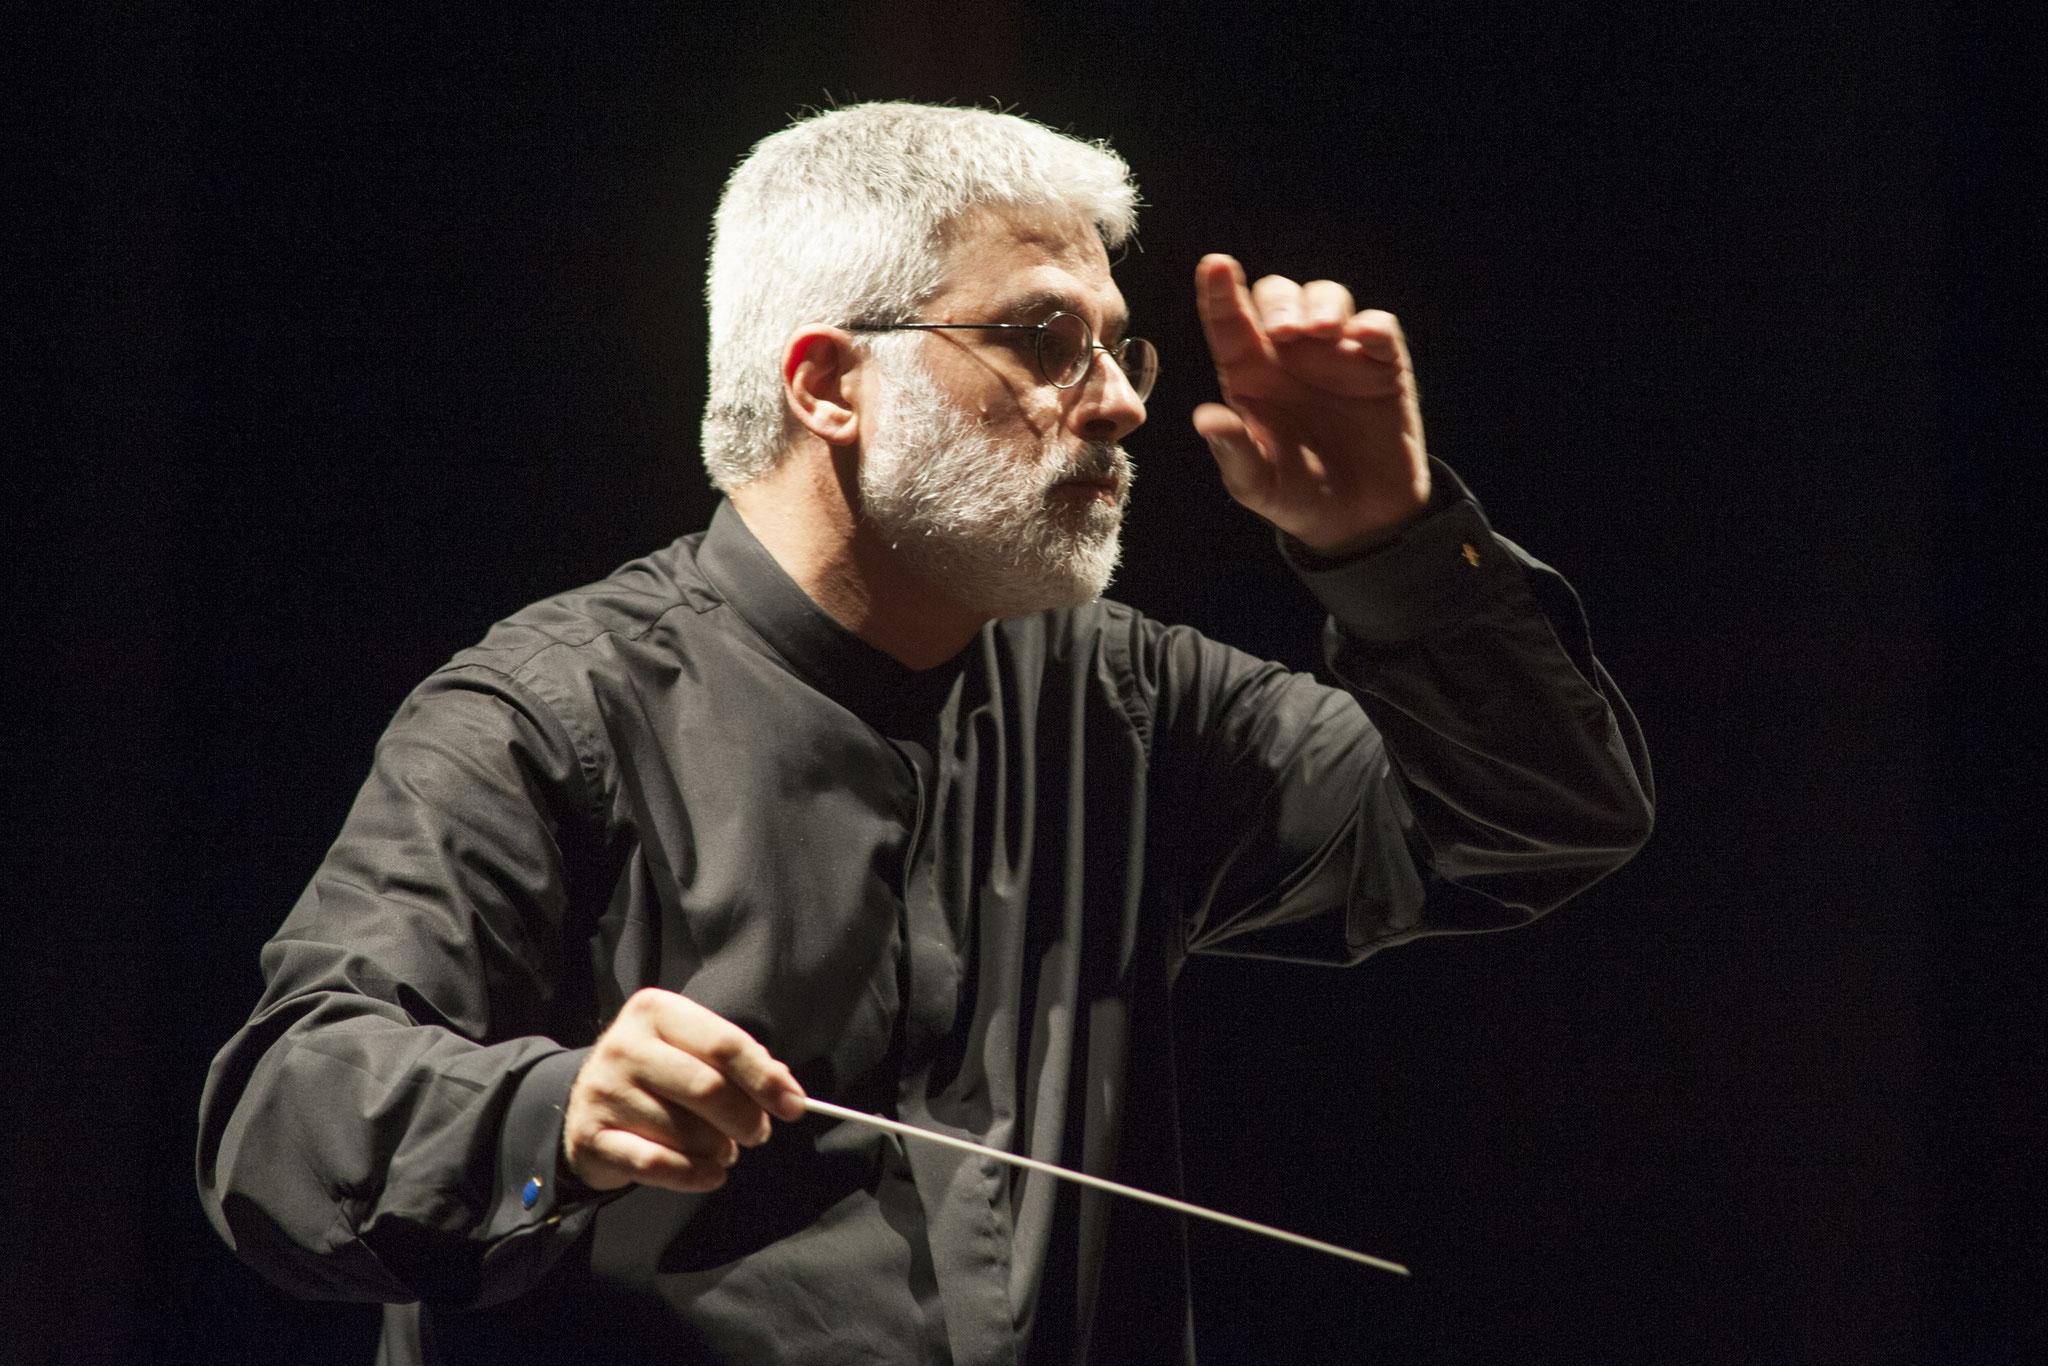 Flavio Colusso